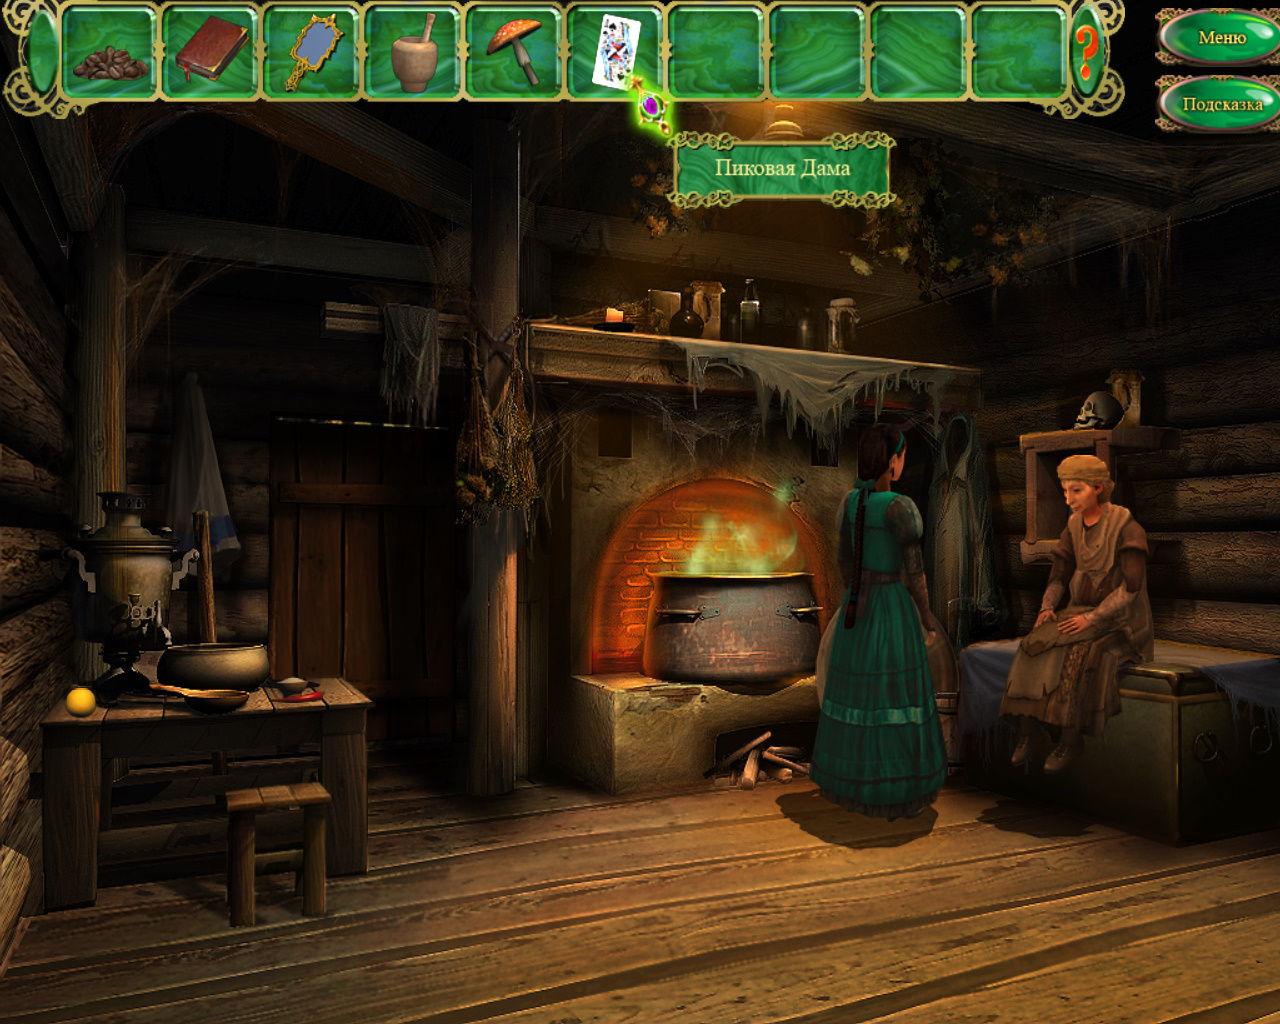 Книга мастеров - локация Комната Яги (уровень 2)